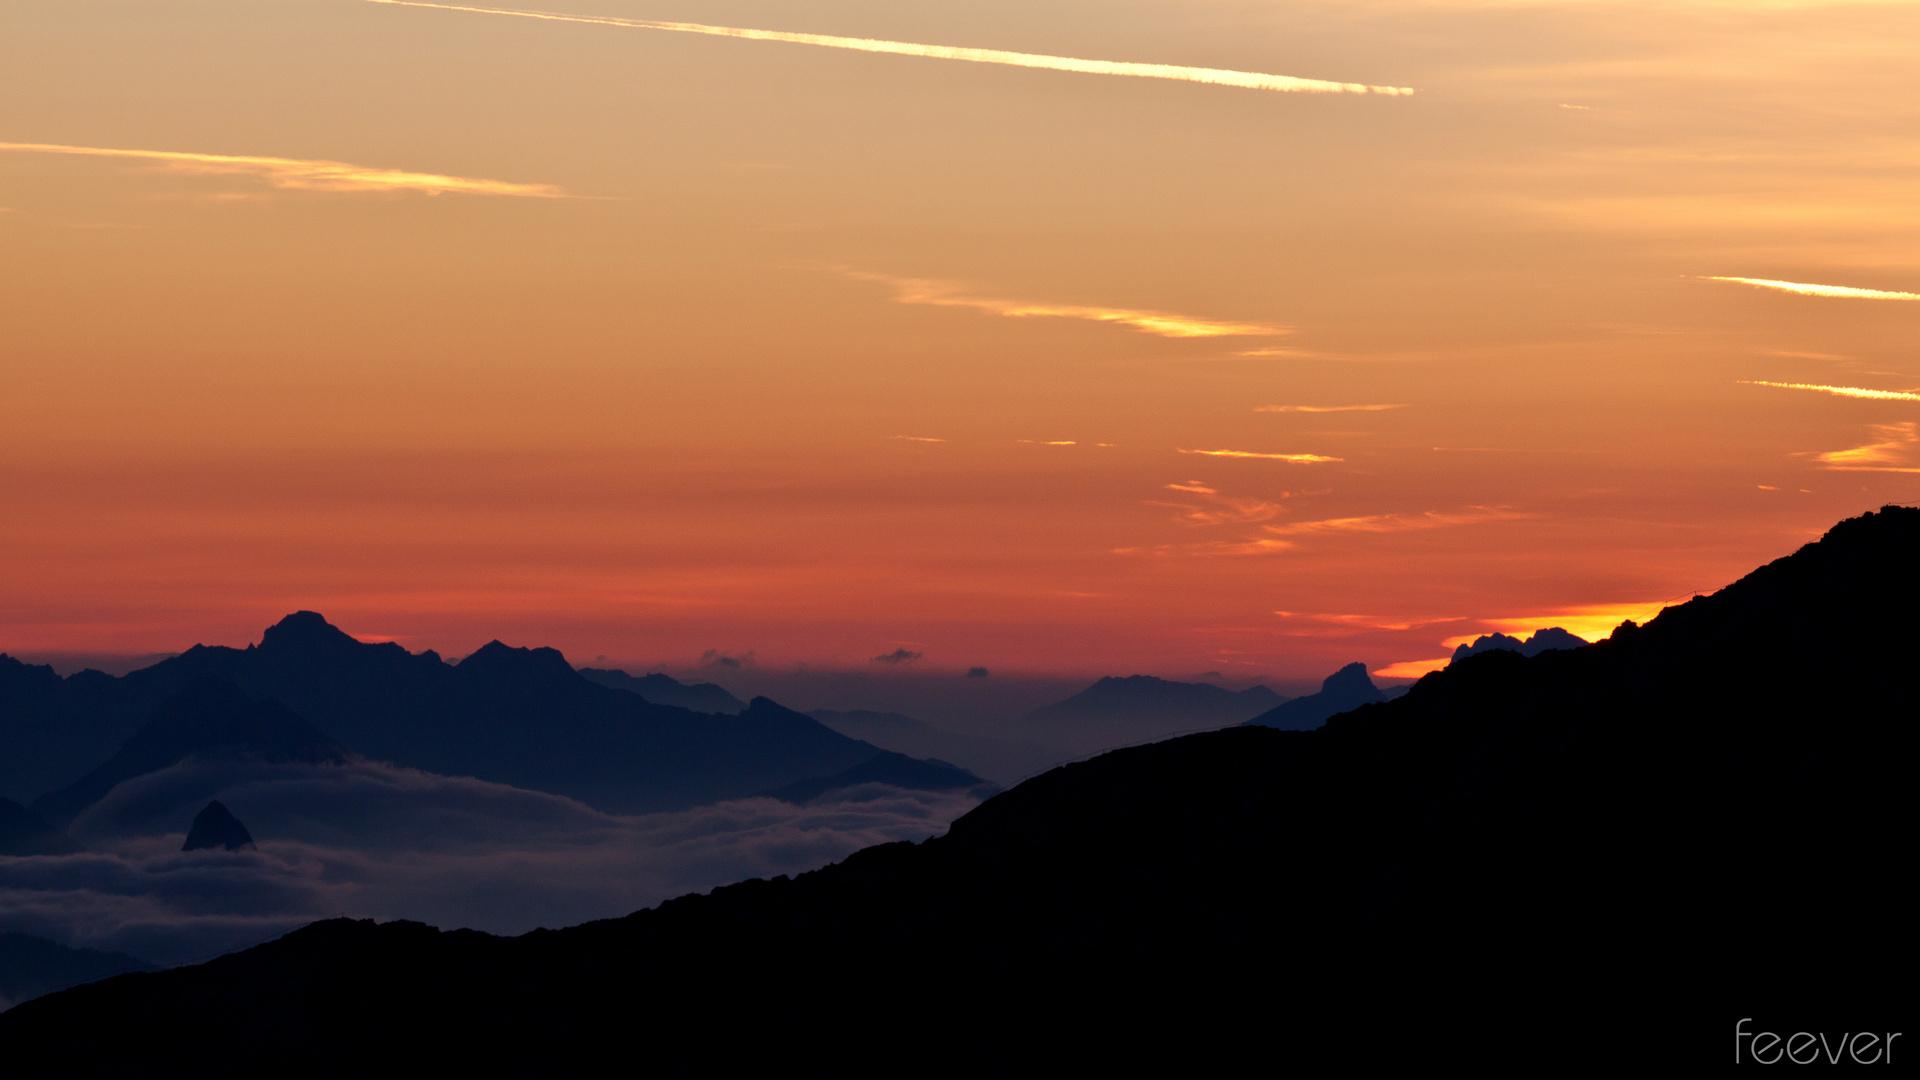 Der letzte Augenblick vor dem Sonnenaufgang ...